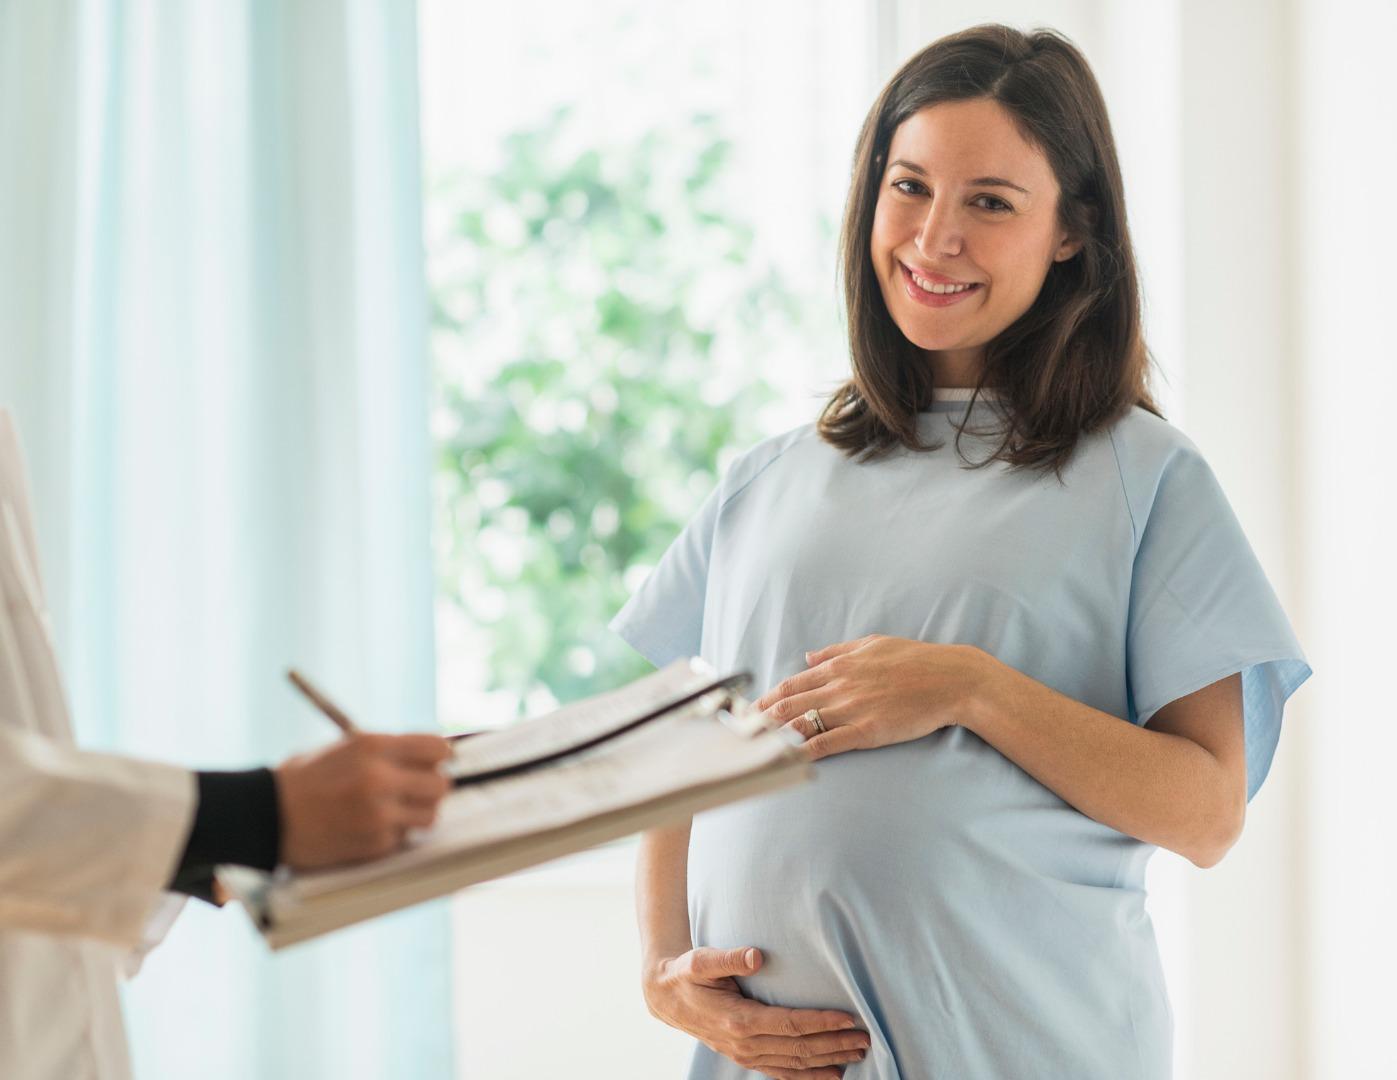 Взгляд врачей на репродуктивное поведение